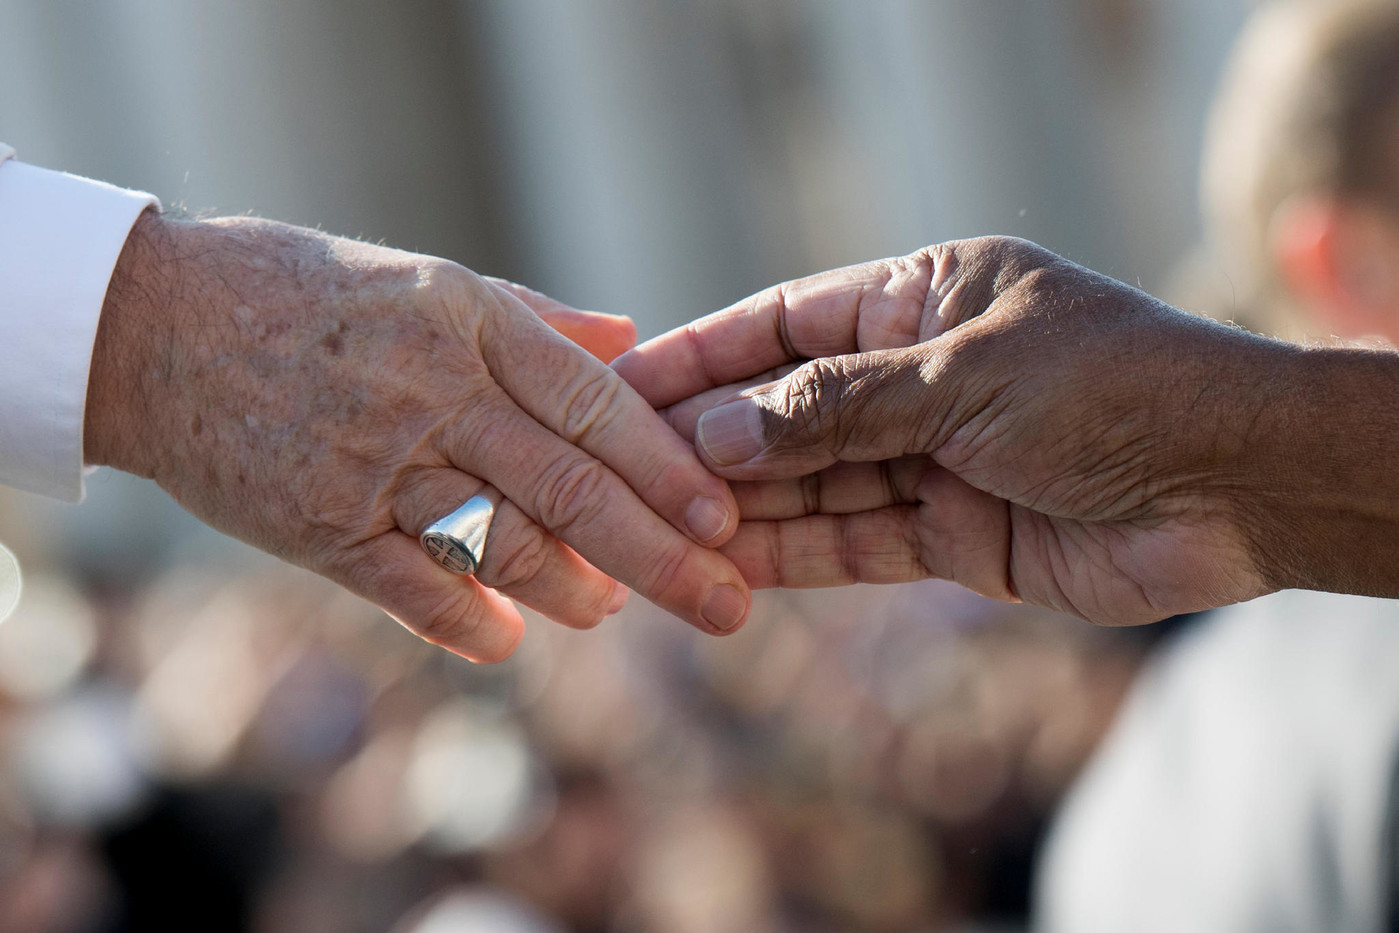 Папа: человеческое достоинство выше прибыли. Послание участникам Межрелигиозного форума в Буэнос-Айресе